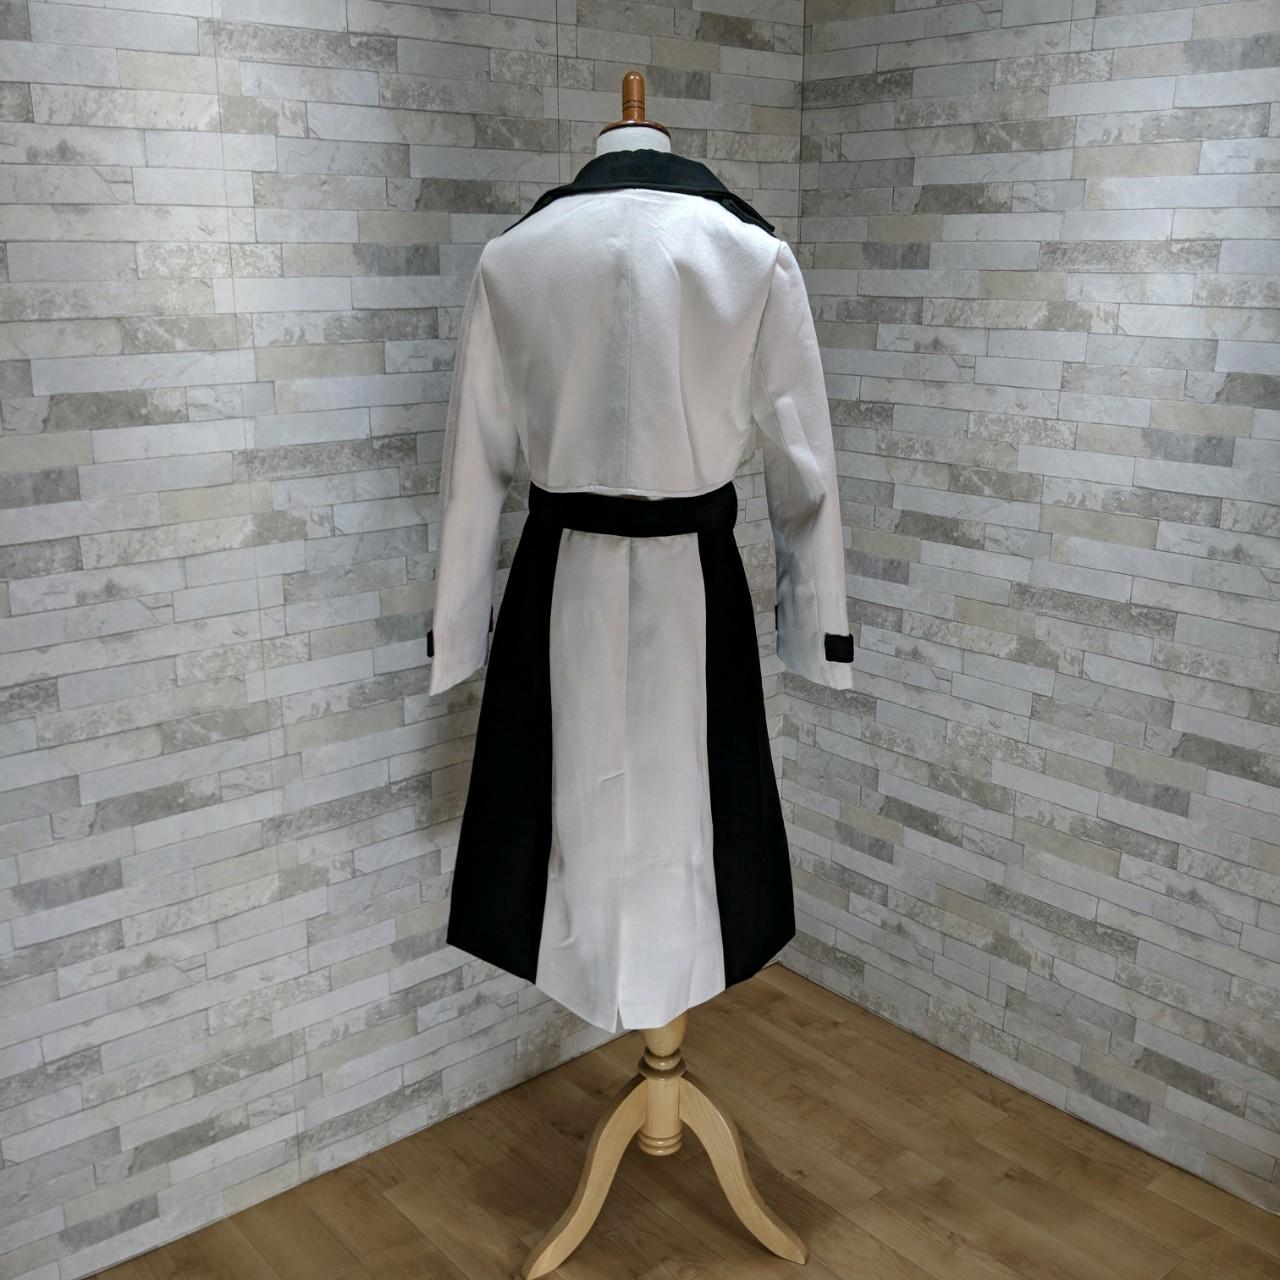 【即納】韓国 ファッション アウター コート 秋 冬 パーティー ブライダル SPTXG918  ミリタリー調 バイカラー アシンメトリー 二次会 セレブ きれいめの写真10枚目